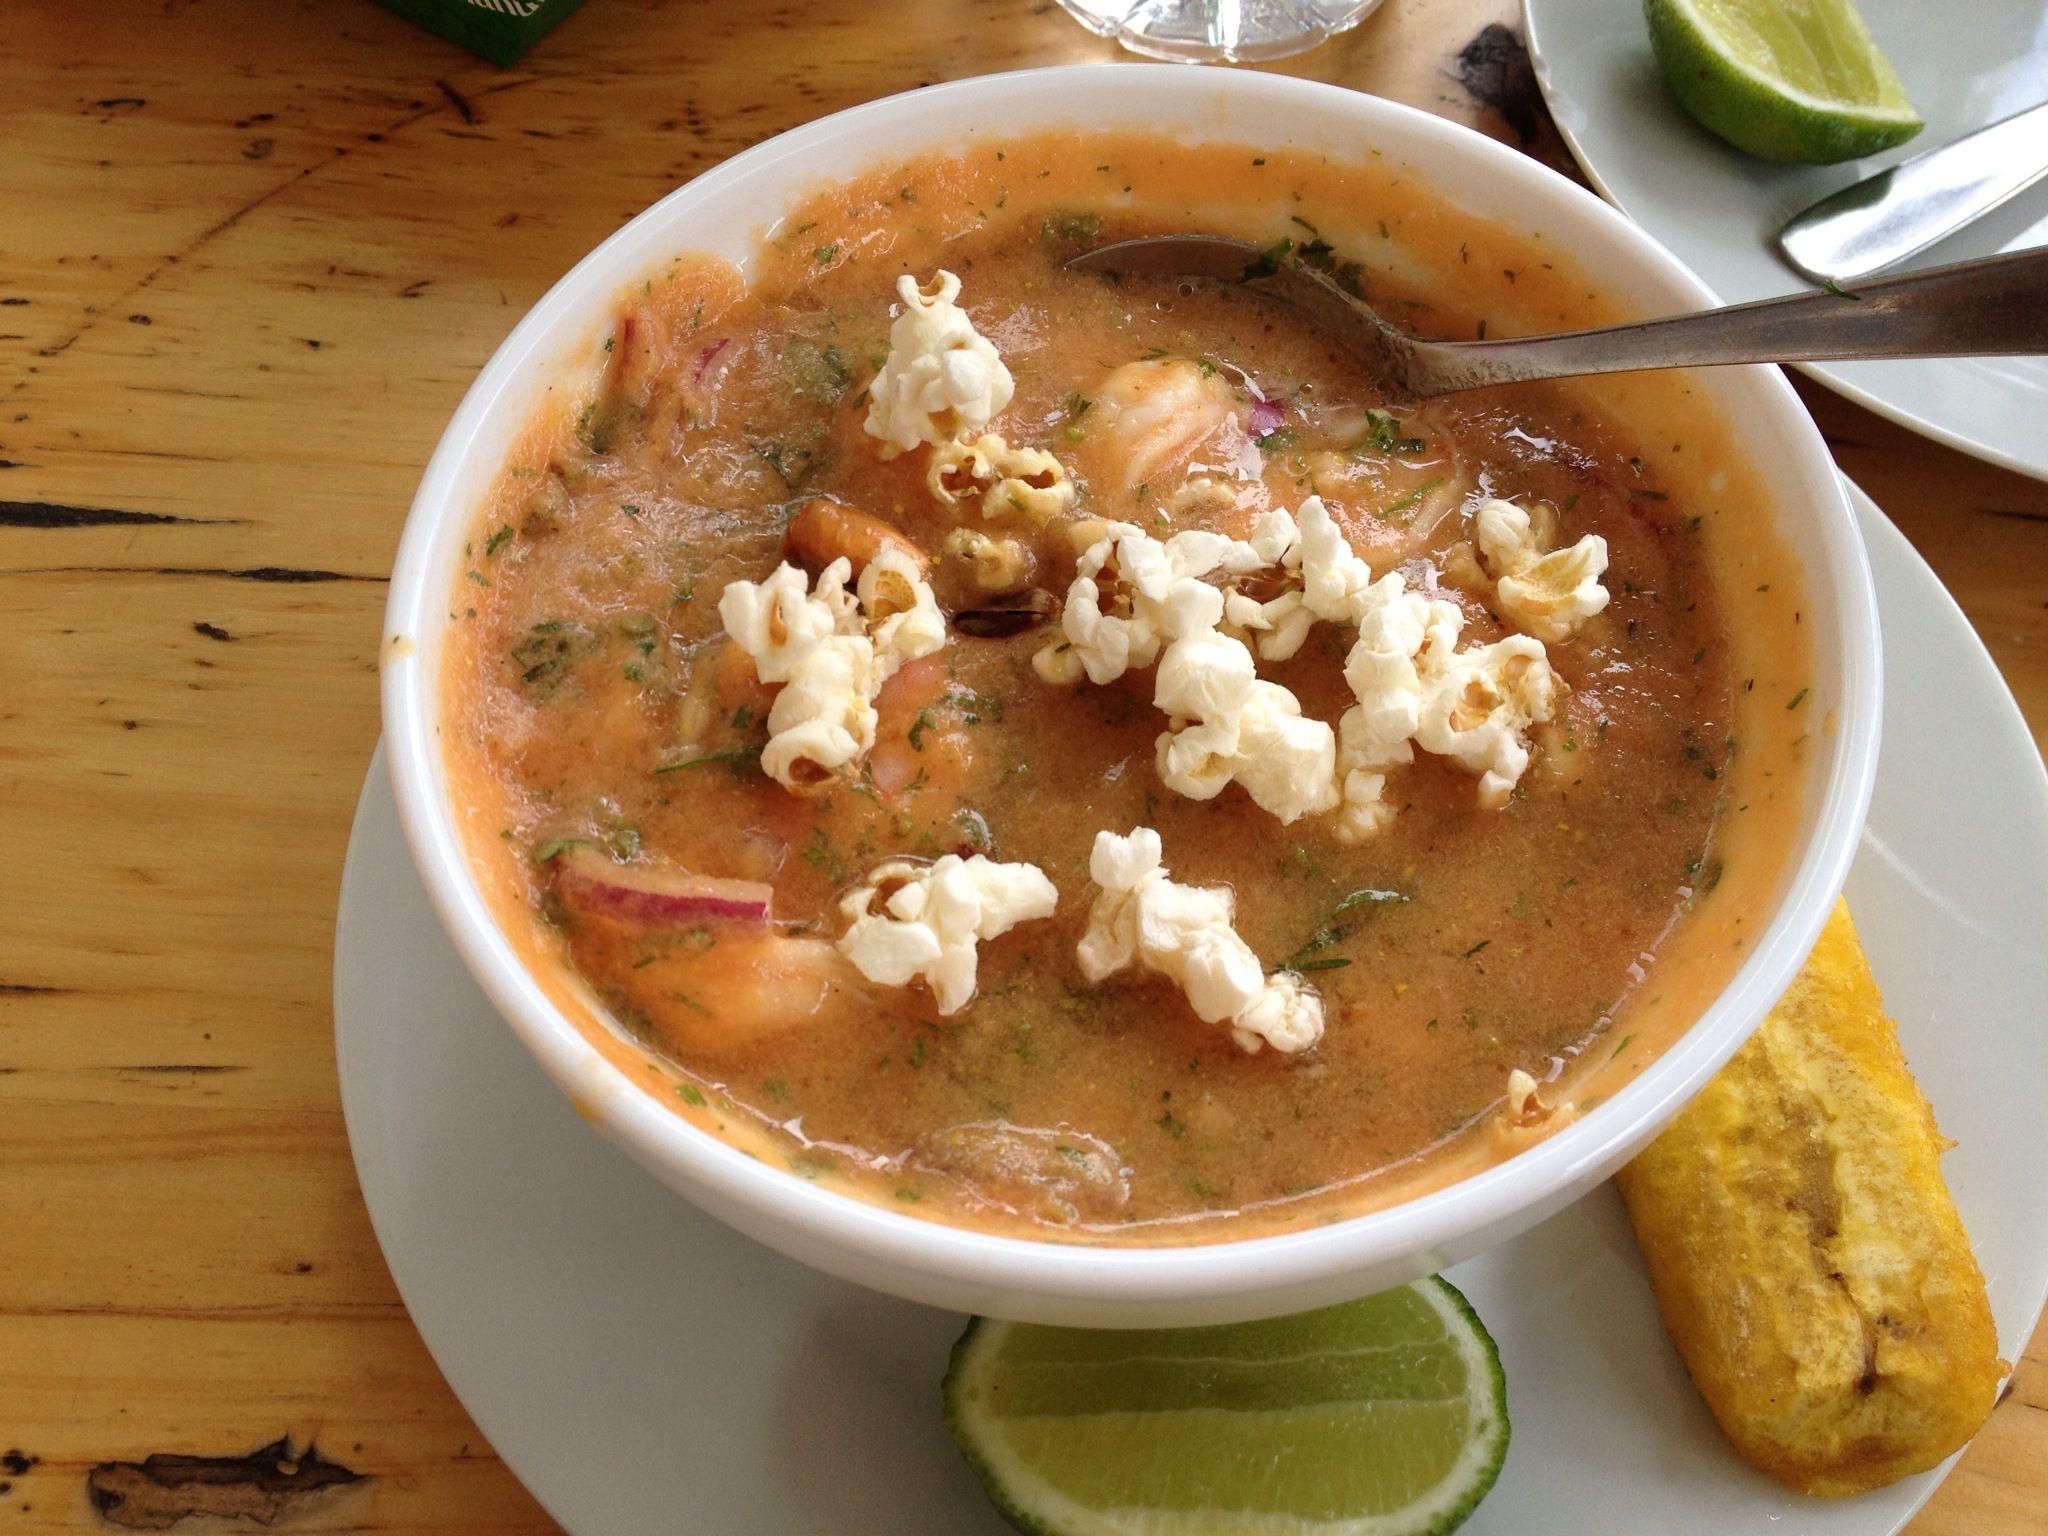 Ecuadorian food with popcorn ecuador pinterest popcorn ecuadorian food with popcorn forumfinder Images